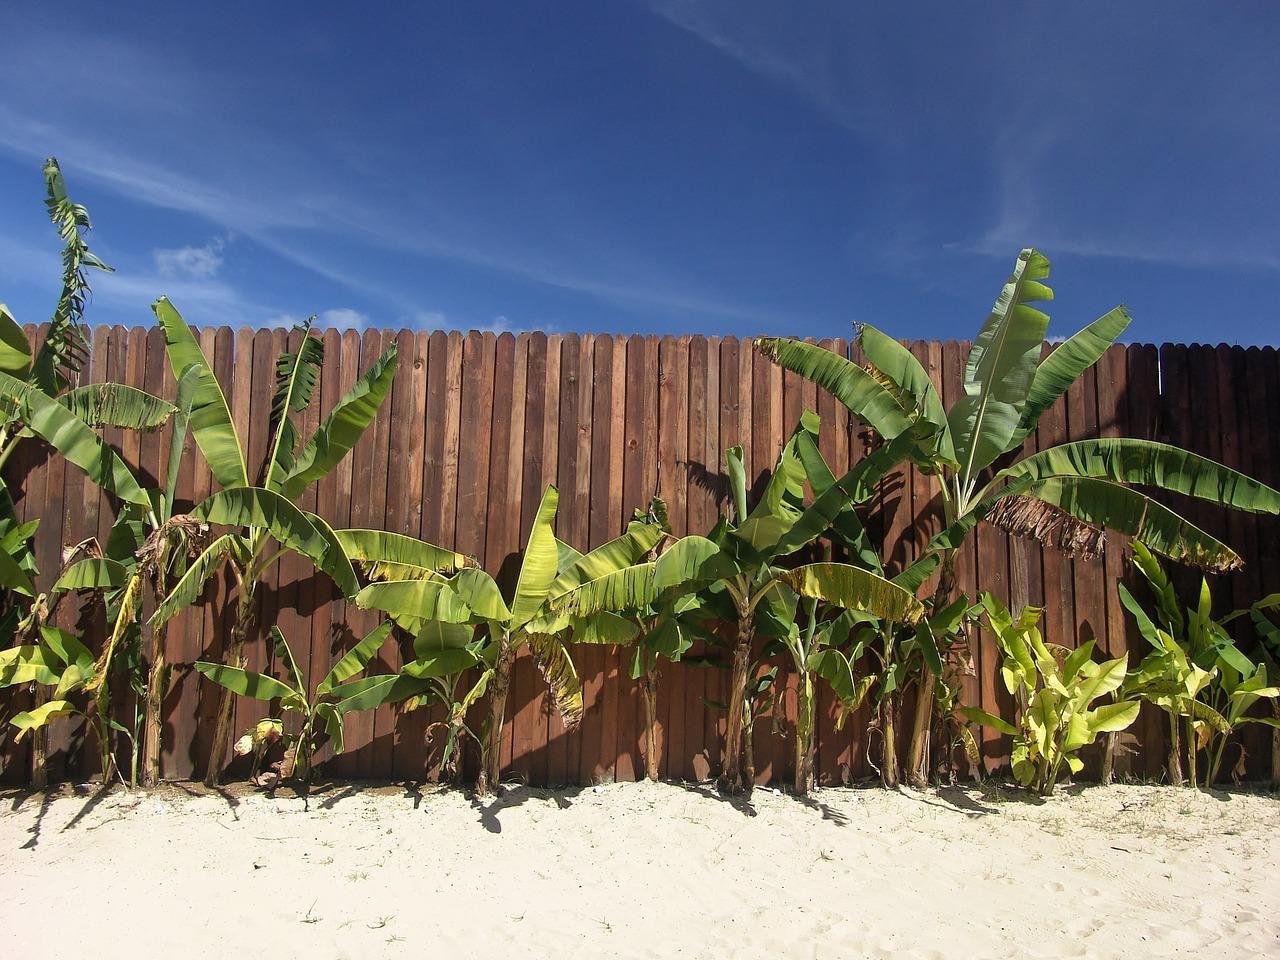 beach-1029007_1280.jpg